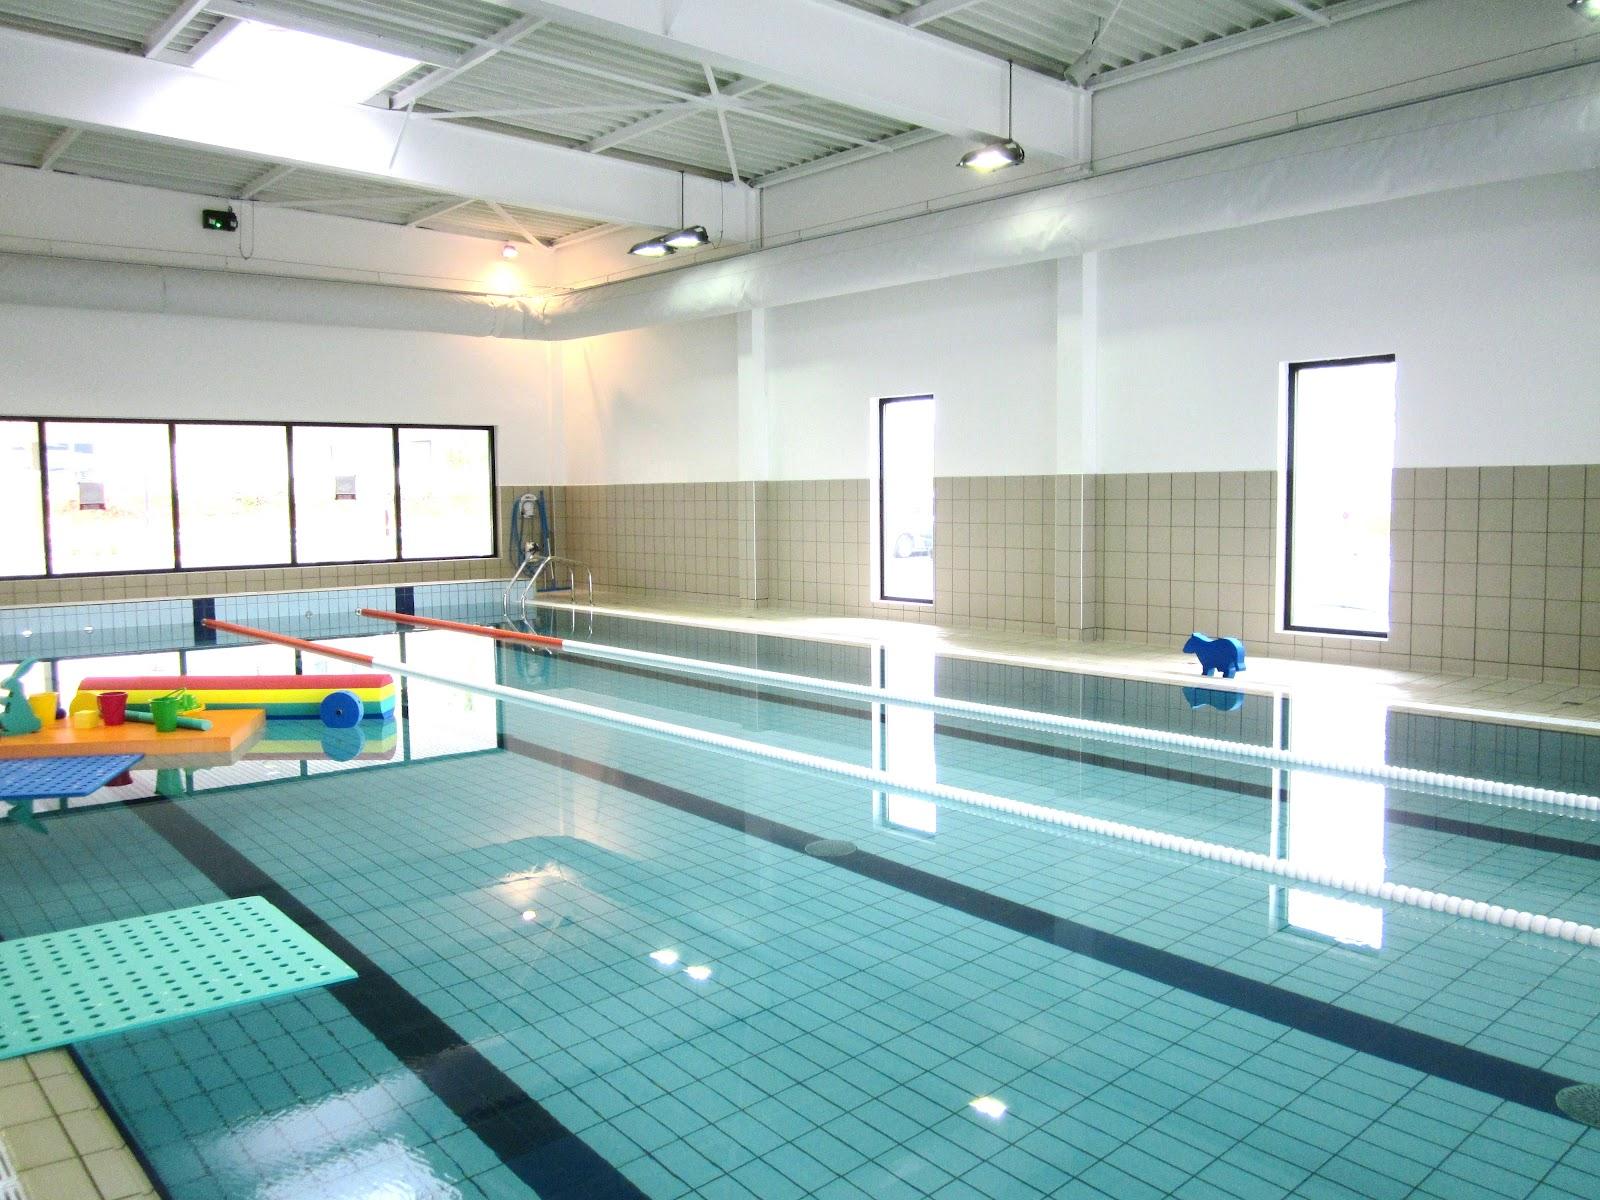 Le blog de marie line ouverture d 39 une piscine 5 min de for Piscine quimper aquarive